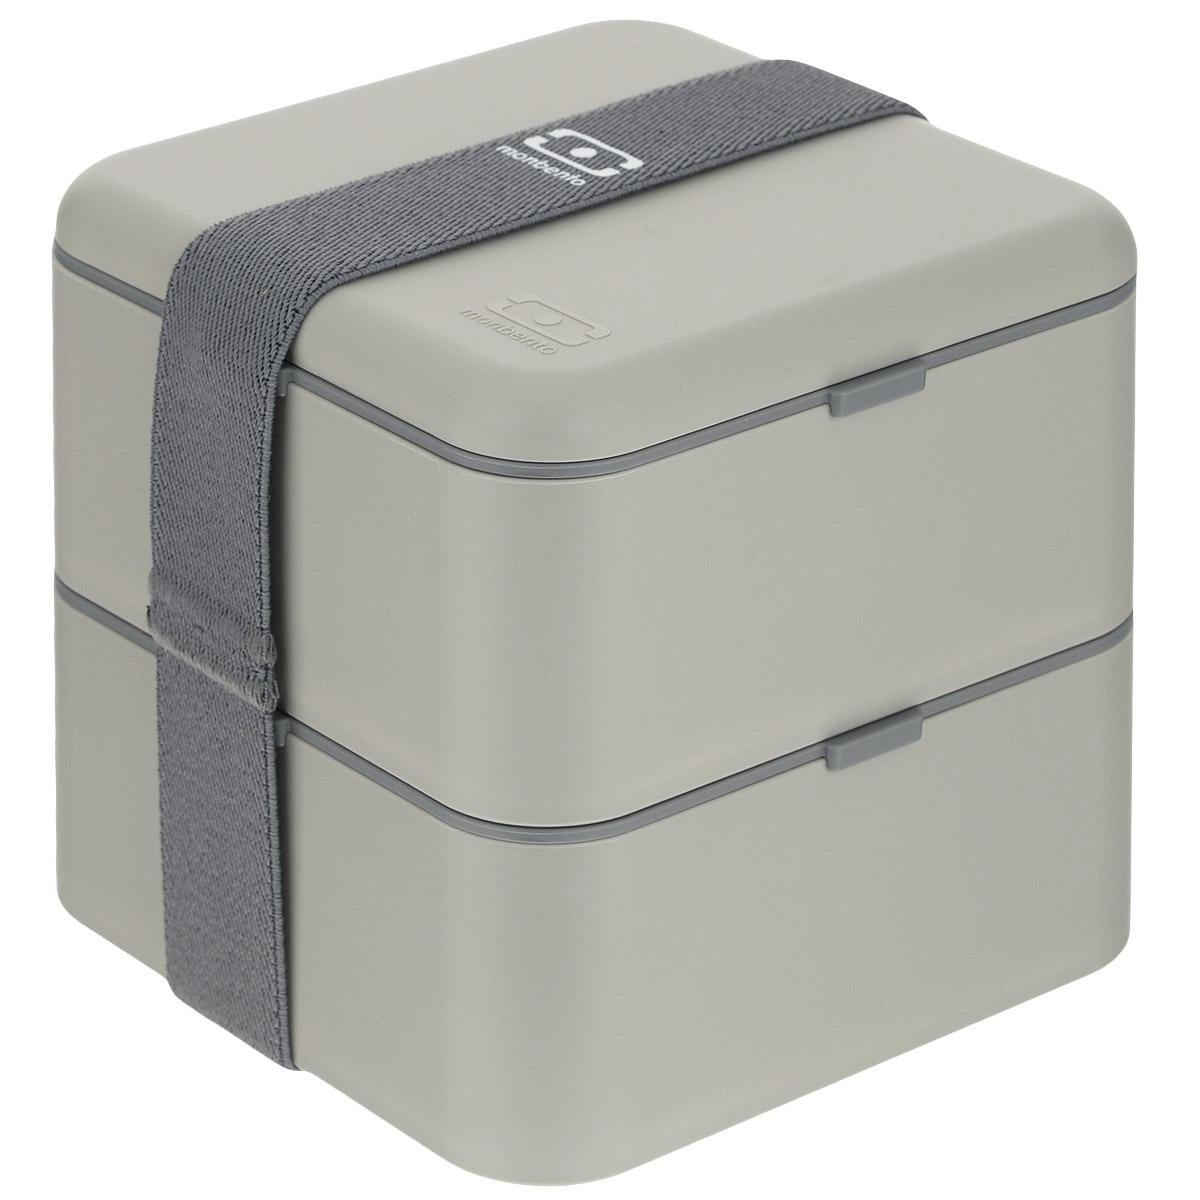 Ланчбокс Monbento Square, цвет: серый, 1,7 лFD-59Ланчбокс Monbento Square изготовлен из высококачественного пищевого пластика. Предназначен для хранения и переноски пищевых продуктов в больших порциях: подходит для салатов, бутербродов и других блюд. Ланчбокс представляет собой два квадратных контейнера, в которых удобно хранить сразу несколько видов блюд. Контейнеры вакуумные, что позволяет продуктам дольше оставаться свежими и вкусными. Контейнеры скрепляются эластичной резинкой. Компактные размеры позволят уместить ланчбокс в любой сумке. Его удобно взять с собой на работу, отдых, в поездку. Теперь любимая домашняя еда всегда будет под рукой, а яркий дизайн поднимет настроение и подарит заряд позитива. Можно использовать в микроволновой печи и для хранения пищи в холодильнике, можно мыть в посудомоечной машине. Объем: 1,7 л. Общий размер ланчбокса: 14 см х 14 см х 14 см. Размер контейнера: 14 см х 14 см х 8 см.